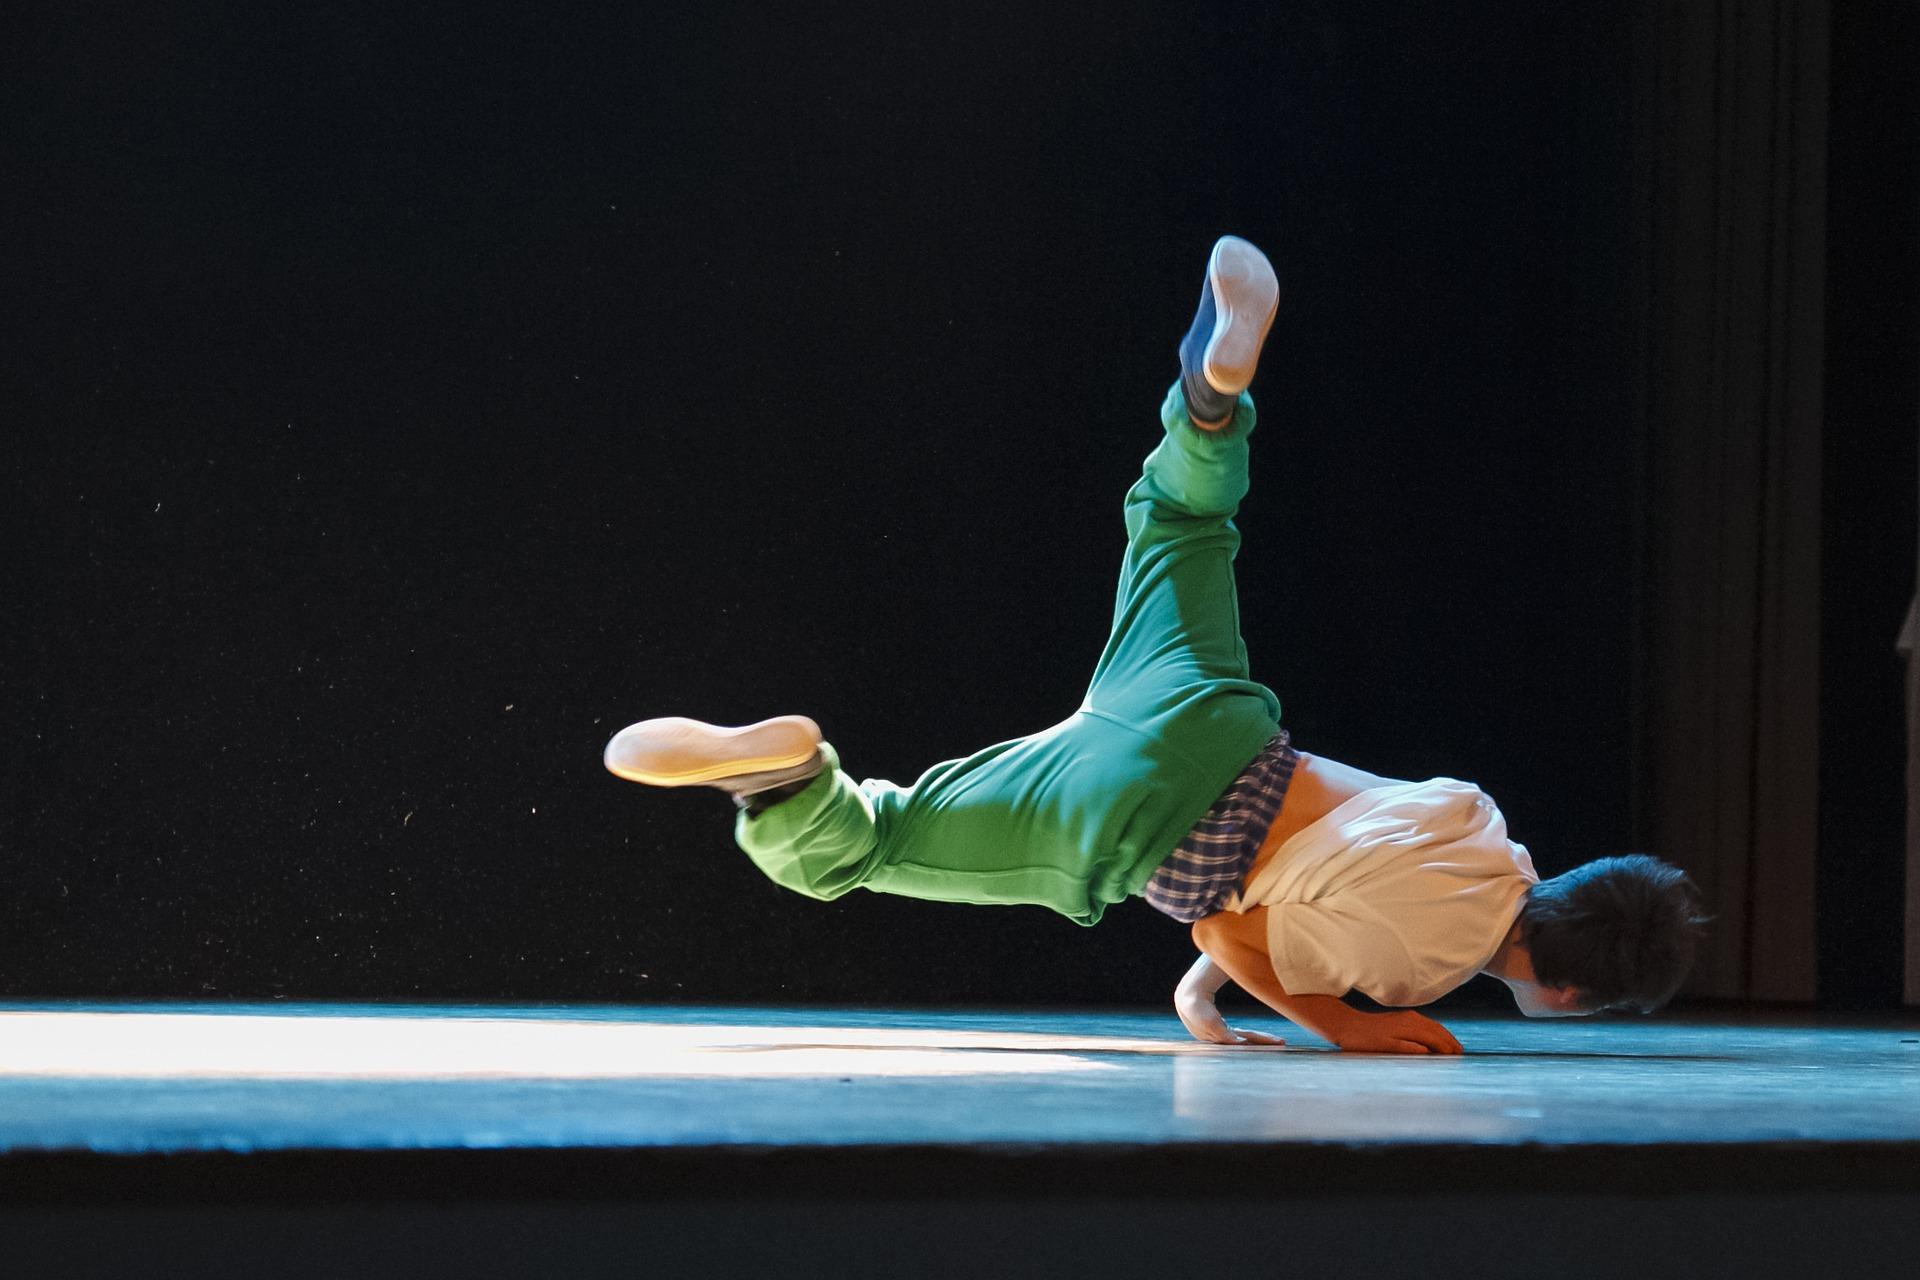 Сотрудники Культурного центра «Киевский» организуют открытый танцевальный урок